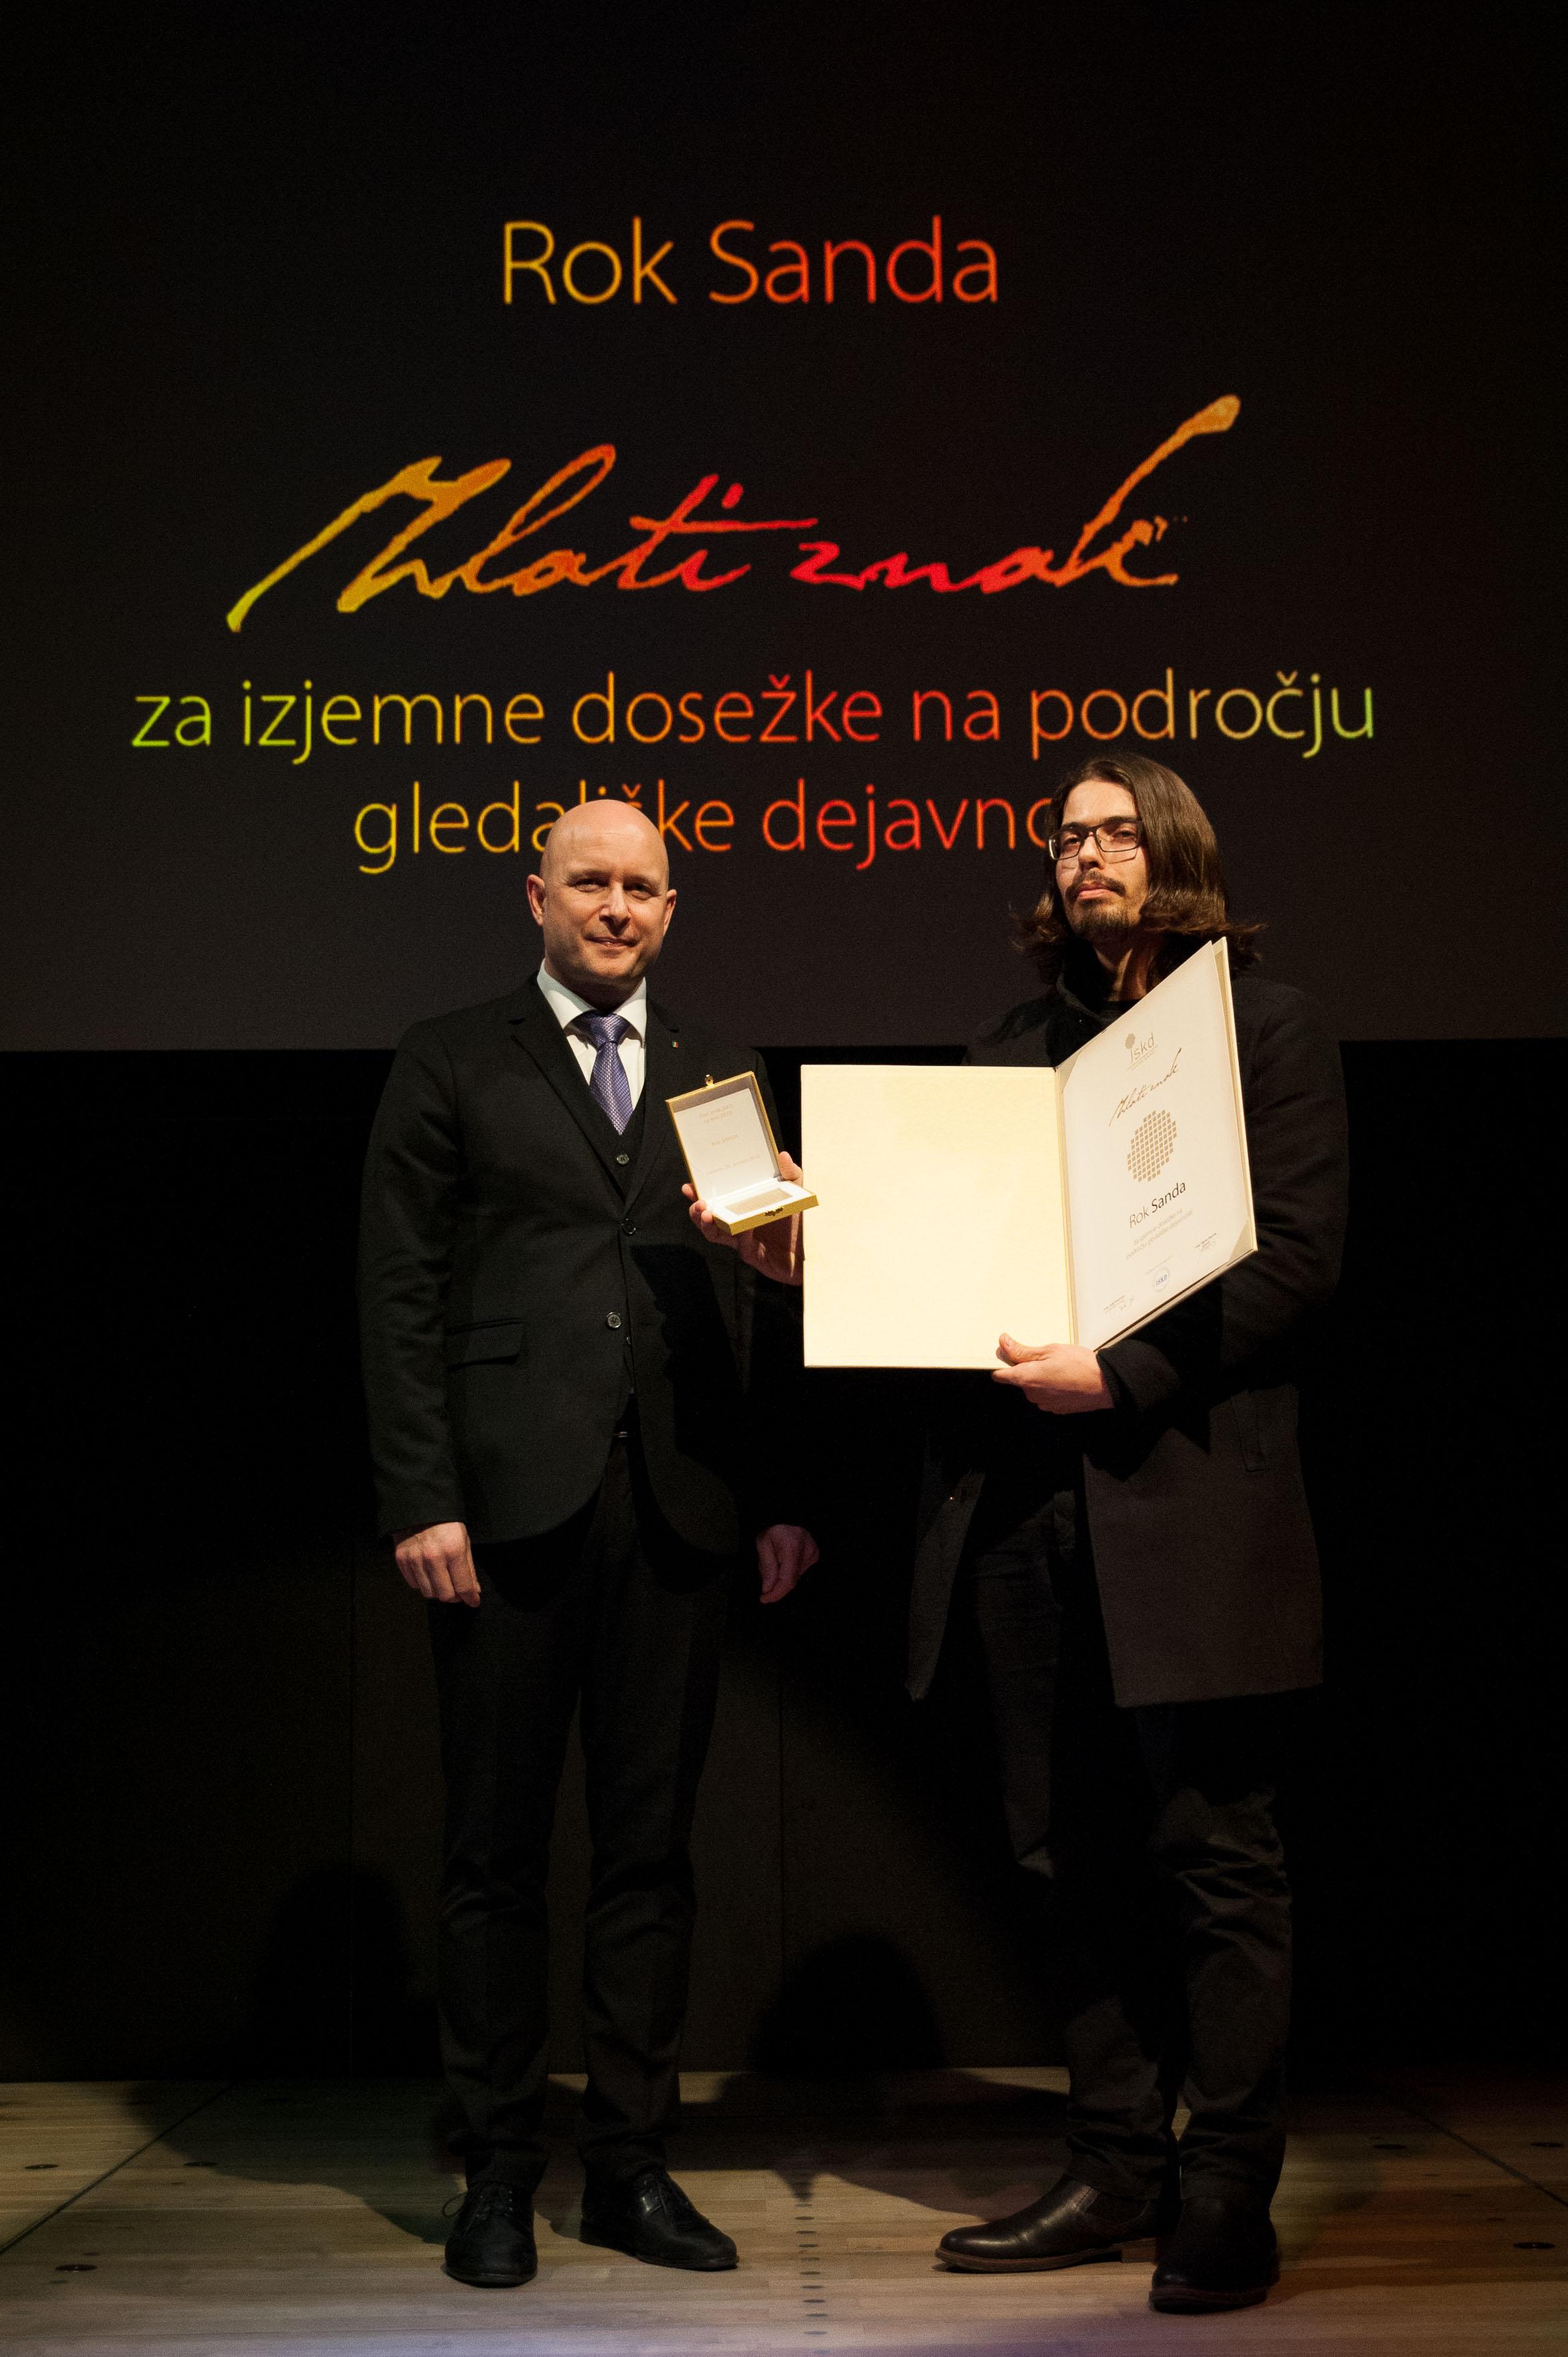 Podelitev zlatega znaka, direktor JSKD mag. Marko Repnik in Rok Sanda (foto: Matej Maček)